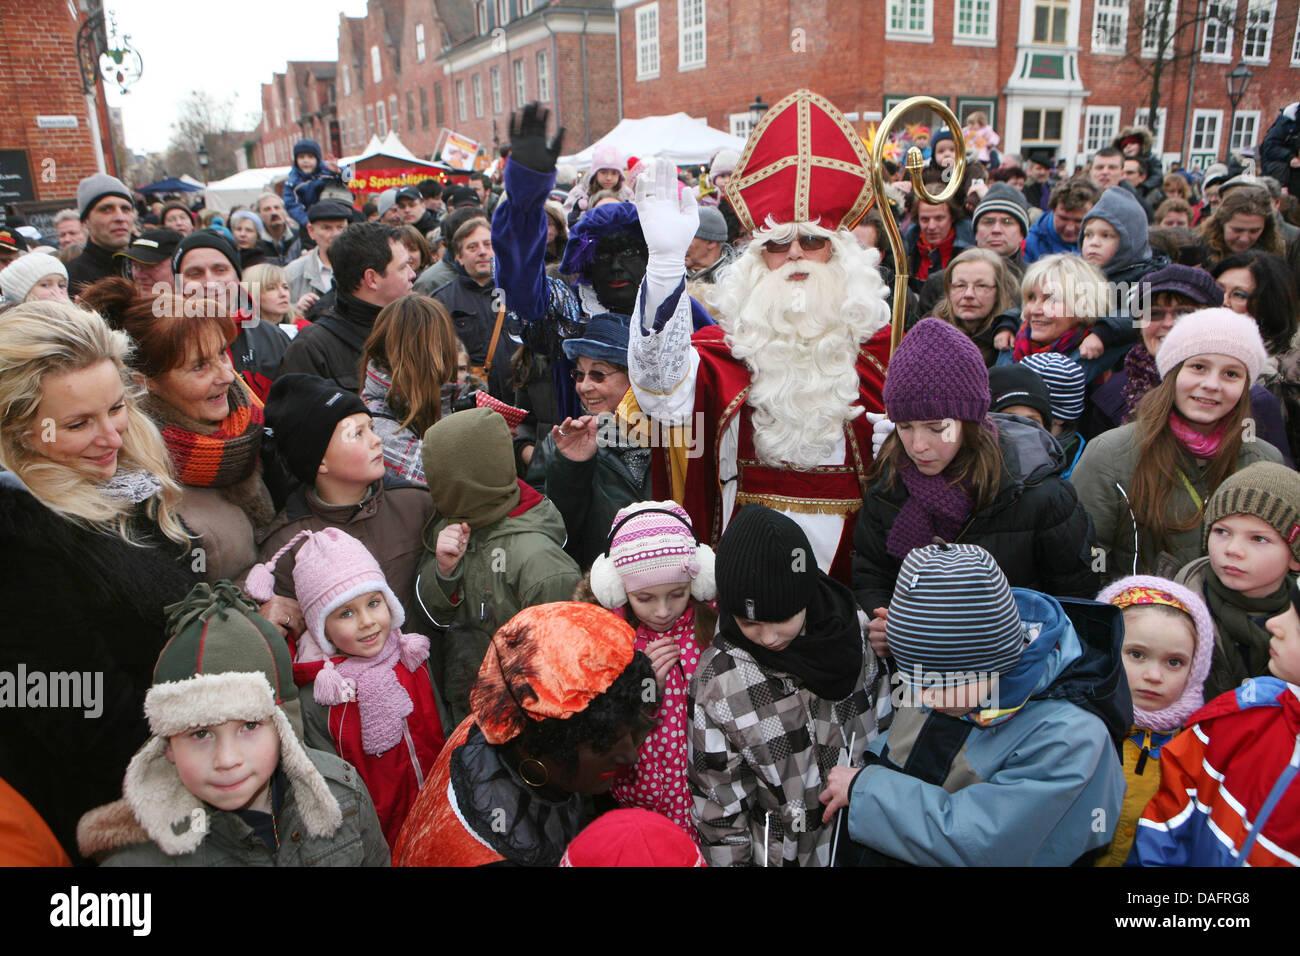 Dutch Christmas.The Dutch Santa Claus Called Sinterklaas And The Black